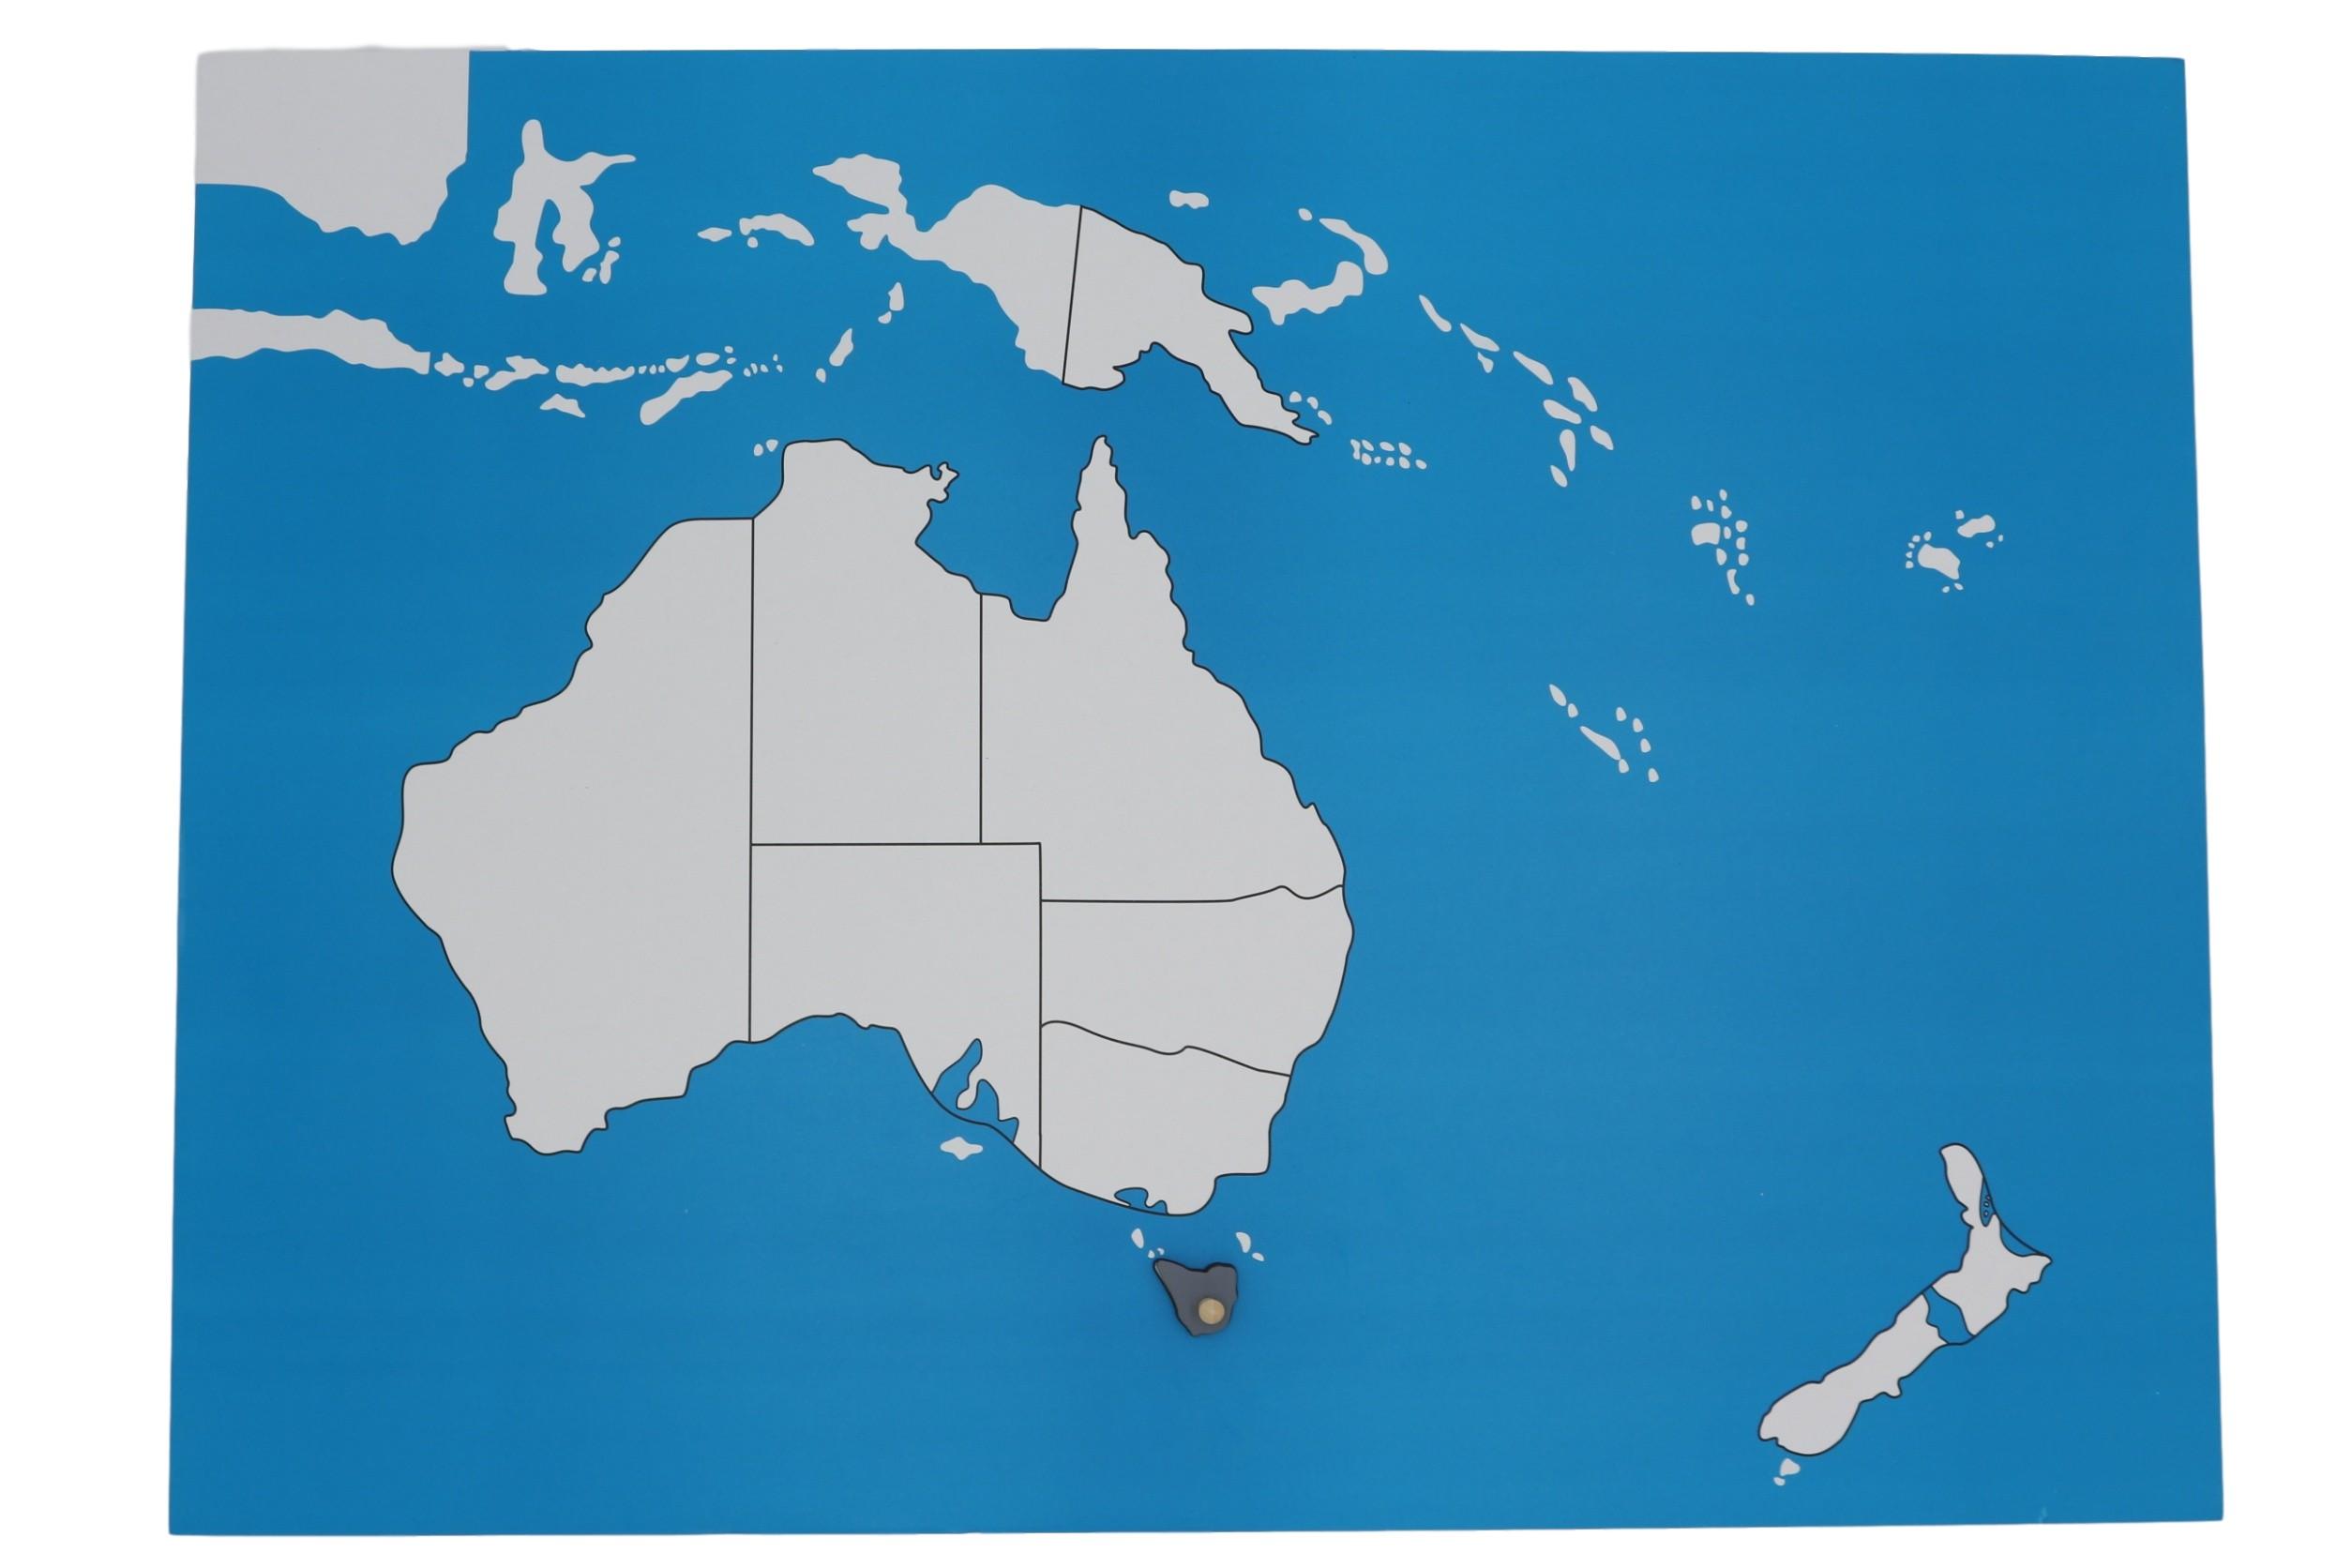 Kontrolní mapa - Australie Nová - bez popisků